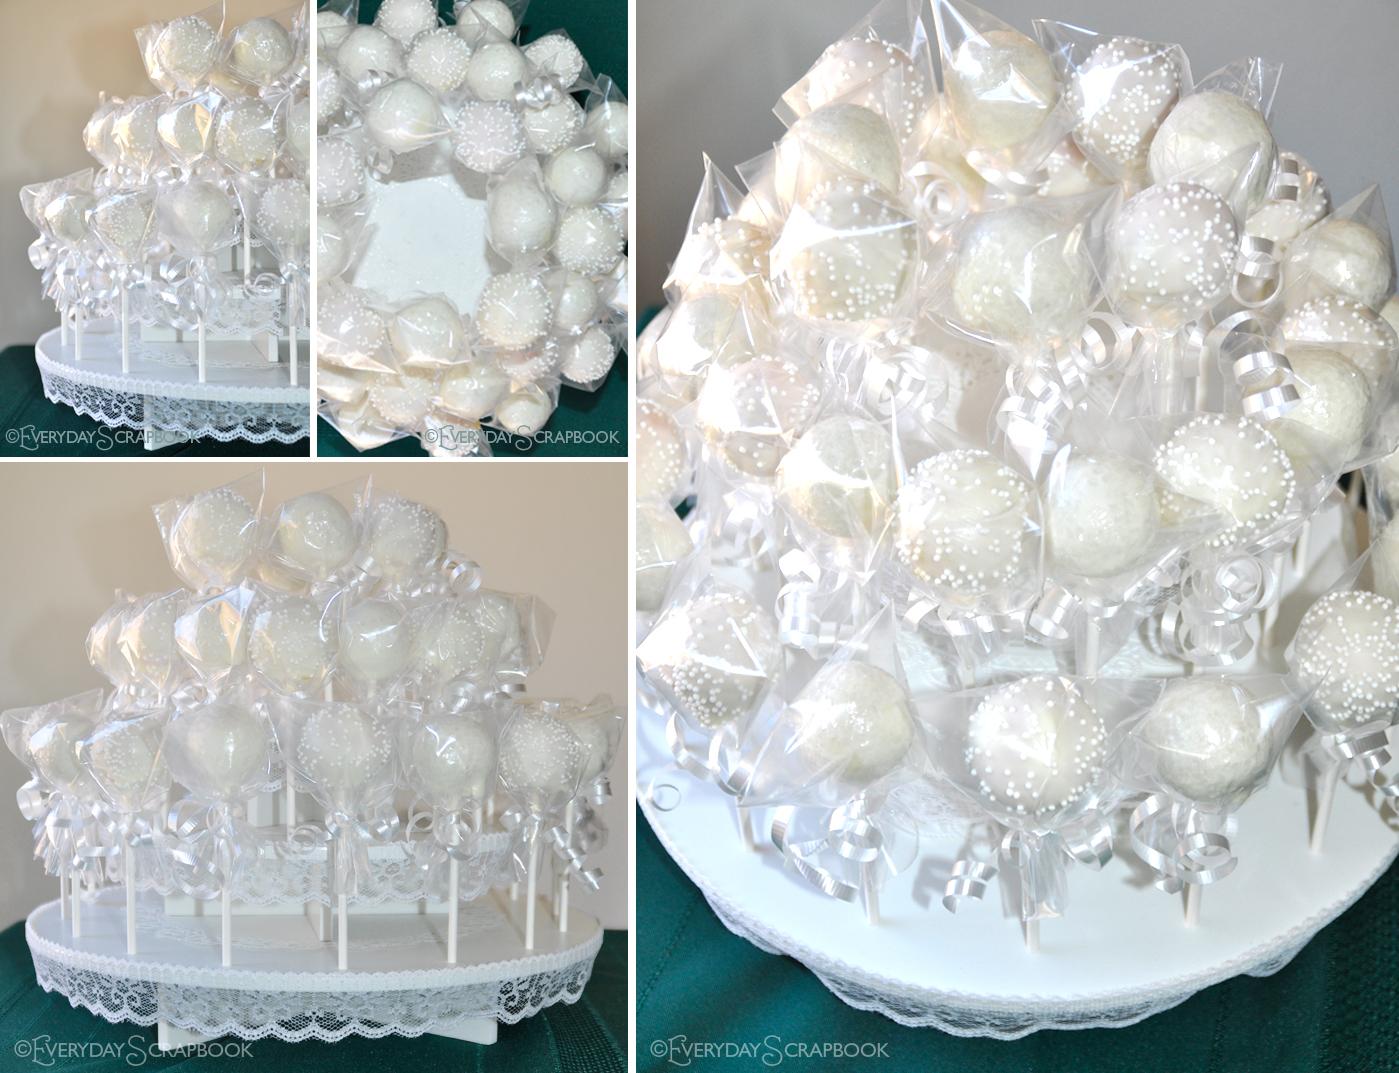 everydayme cakepop wedding cake. Black Bedroom Furniture Sets. Home Design Ideas